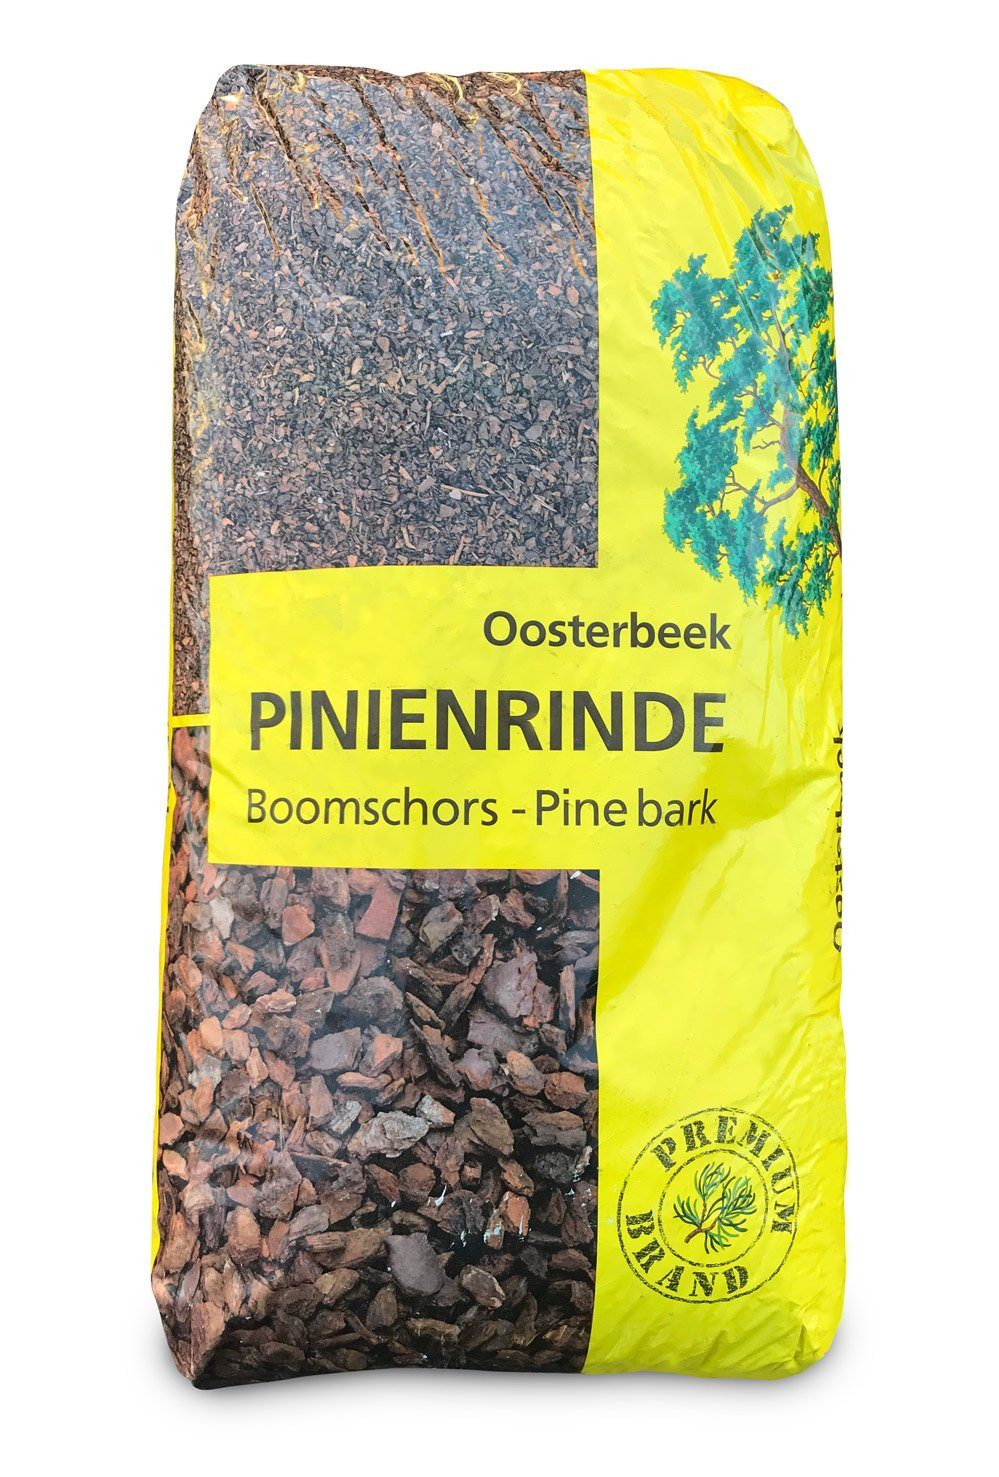 Oosterbeek Pinjebark 20-40 mm - 70 liters pose